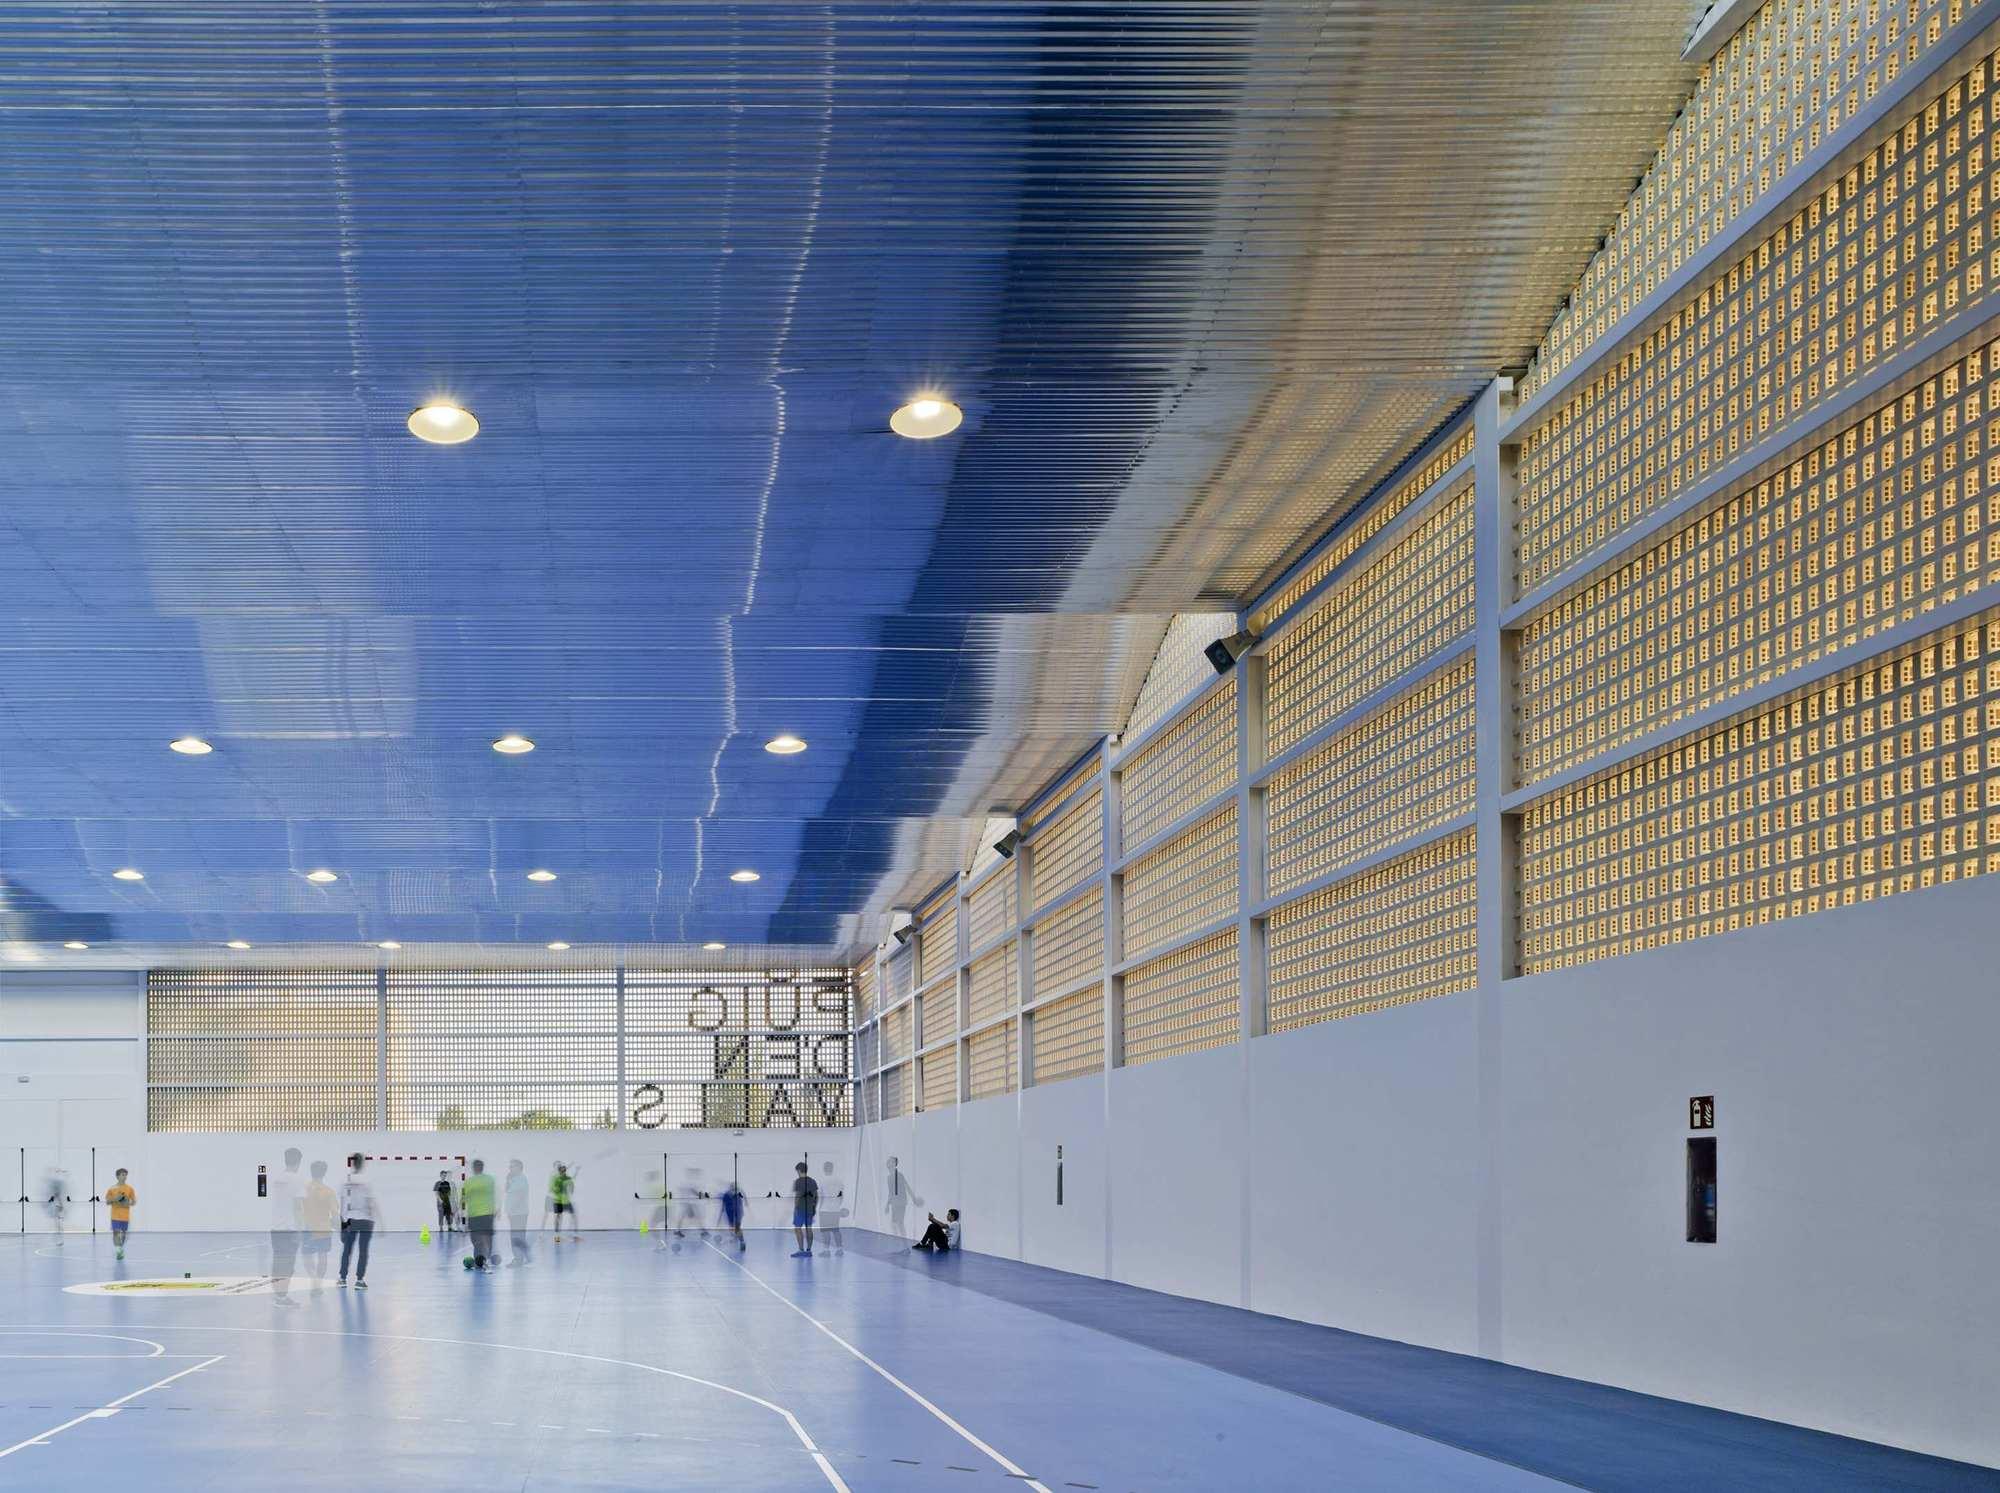 Galer a de centro deportivo es puig d 39 en valls mcea arquitectura 15 - Centro deportivo siglo xxi zaragoza ...